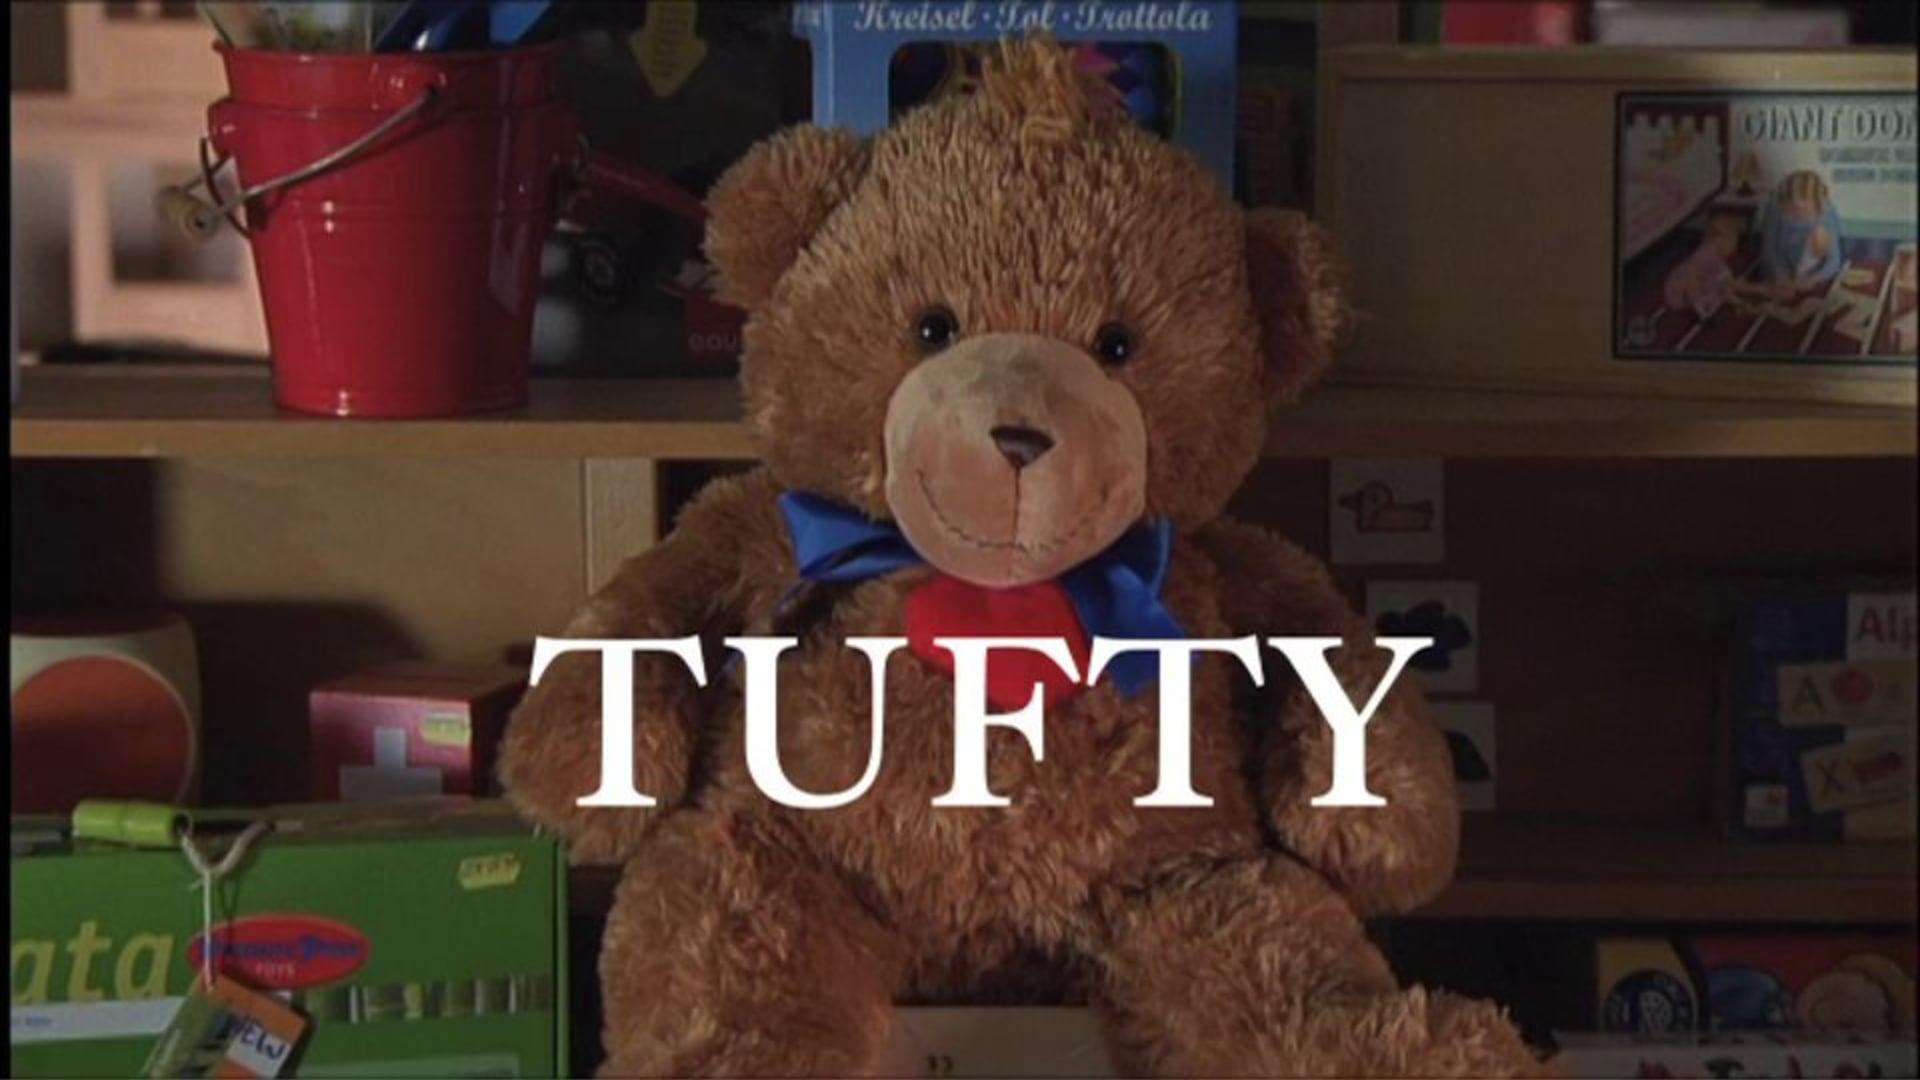 Tufty